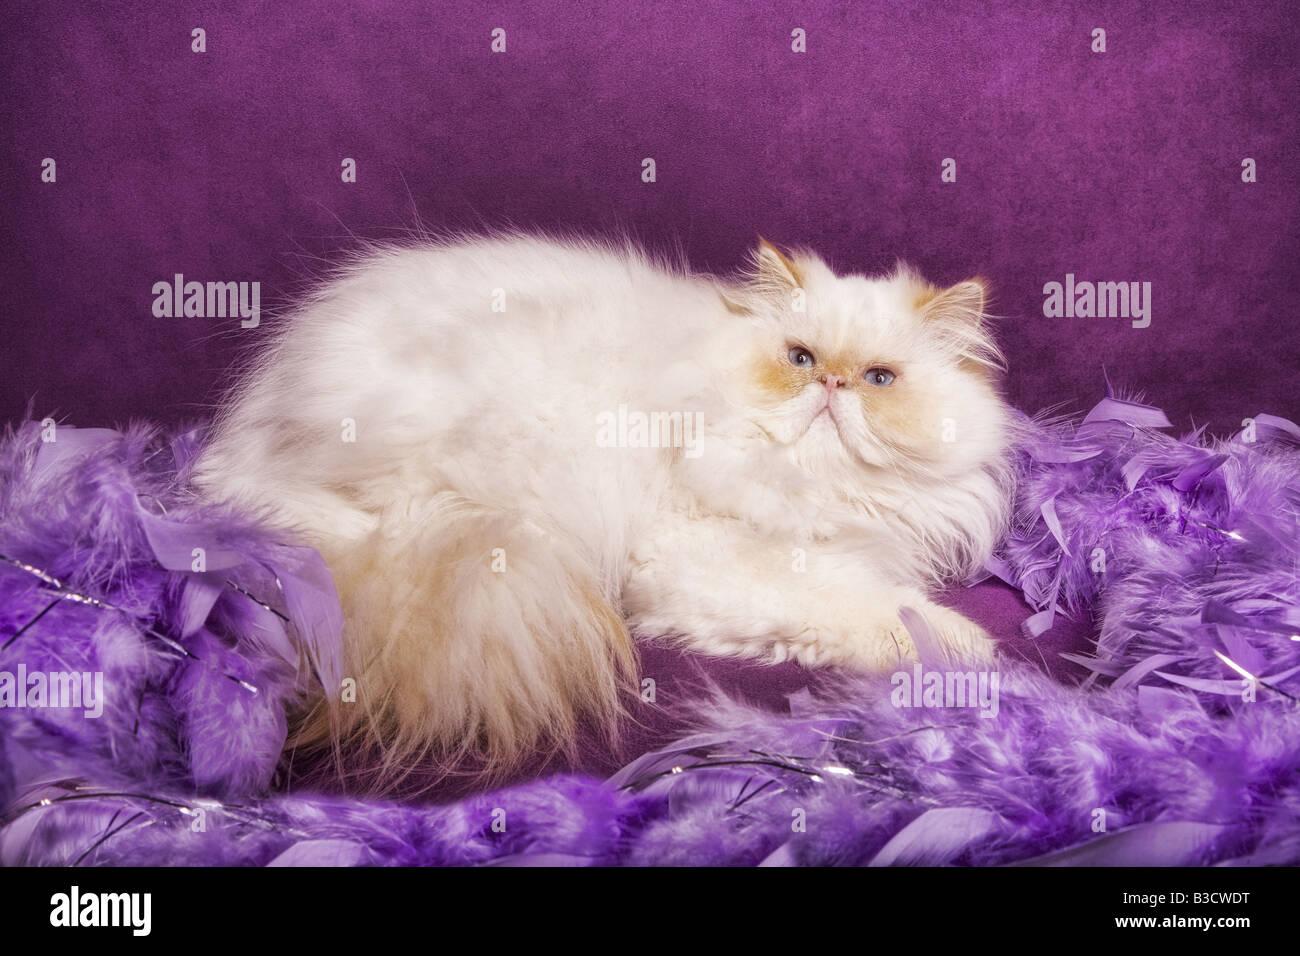 sch ne flamme punkt himalaya katze liegend auf lila hintergrund mit lavendel federboa stockfoto. Black Bedroom Furniture Sets. Home Design Ideas